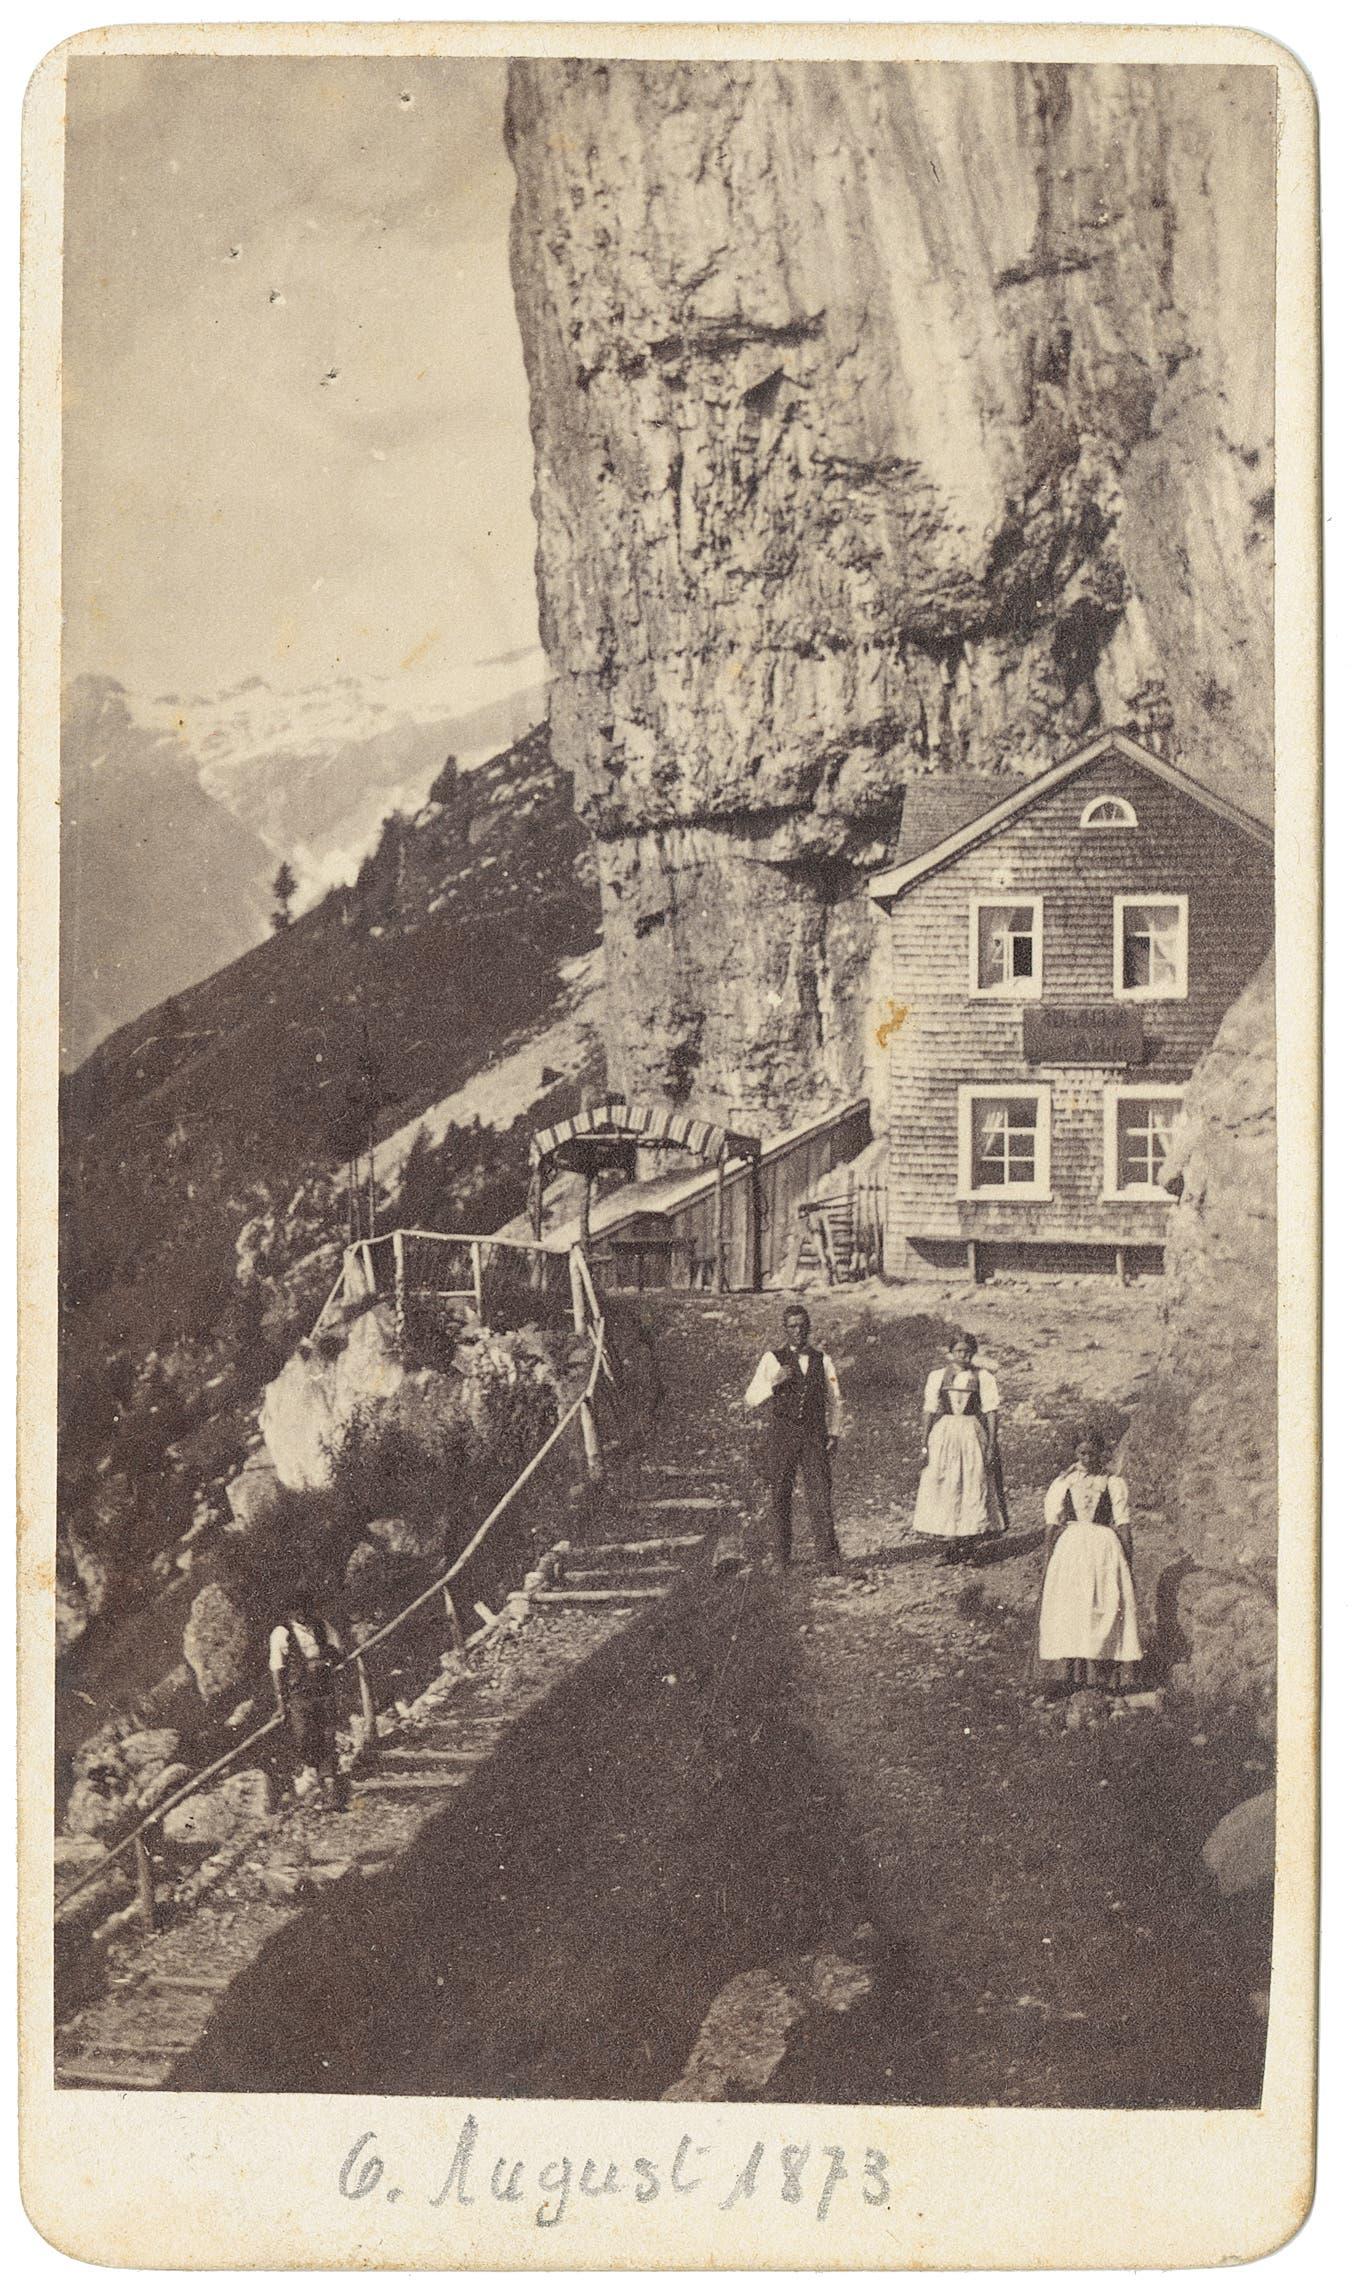 Das Berggasthaus Aescher in einer Aufnahme aus dem Sommer 1873. (Bild: Landesarchiv AI)